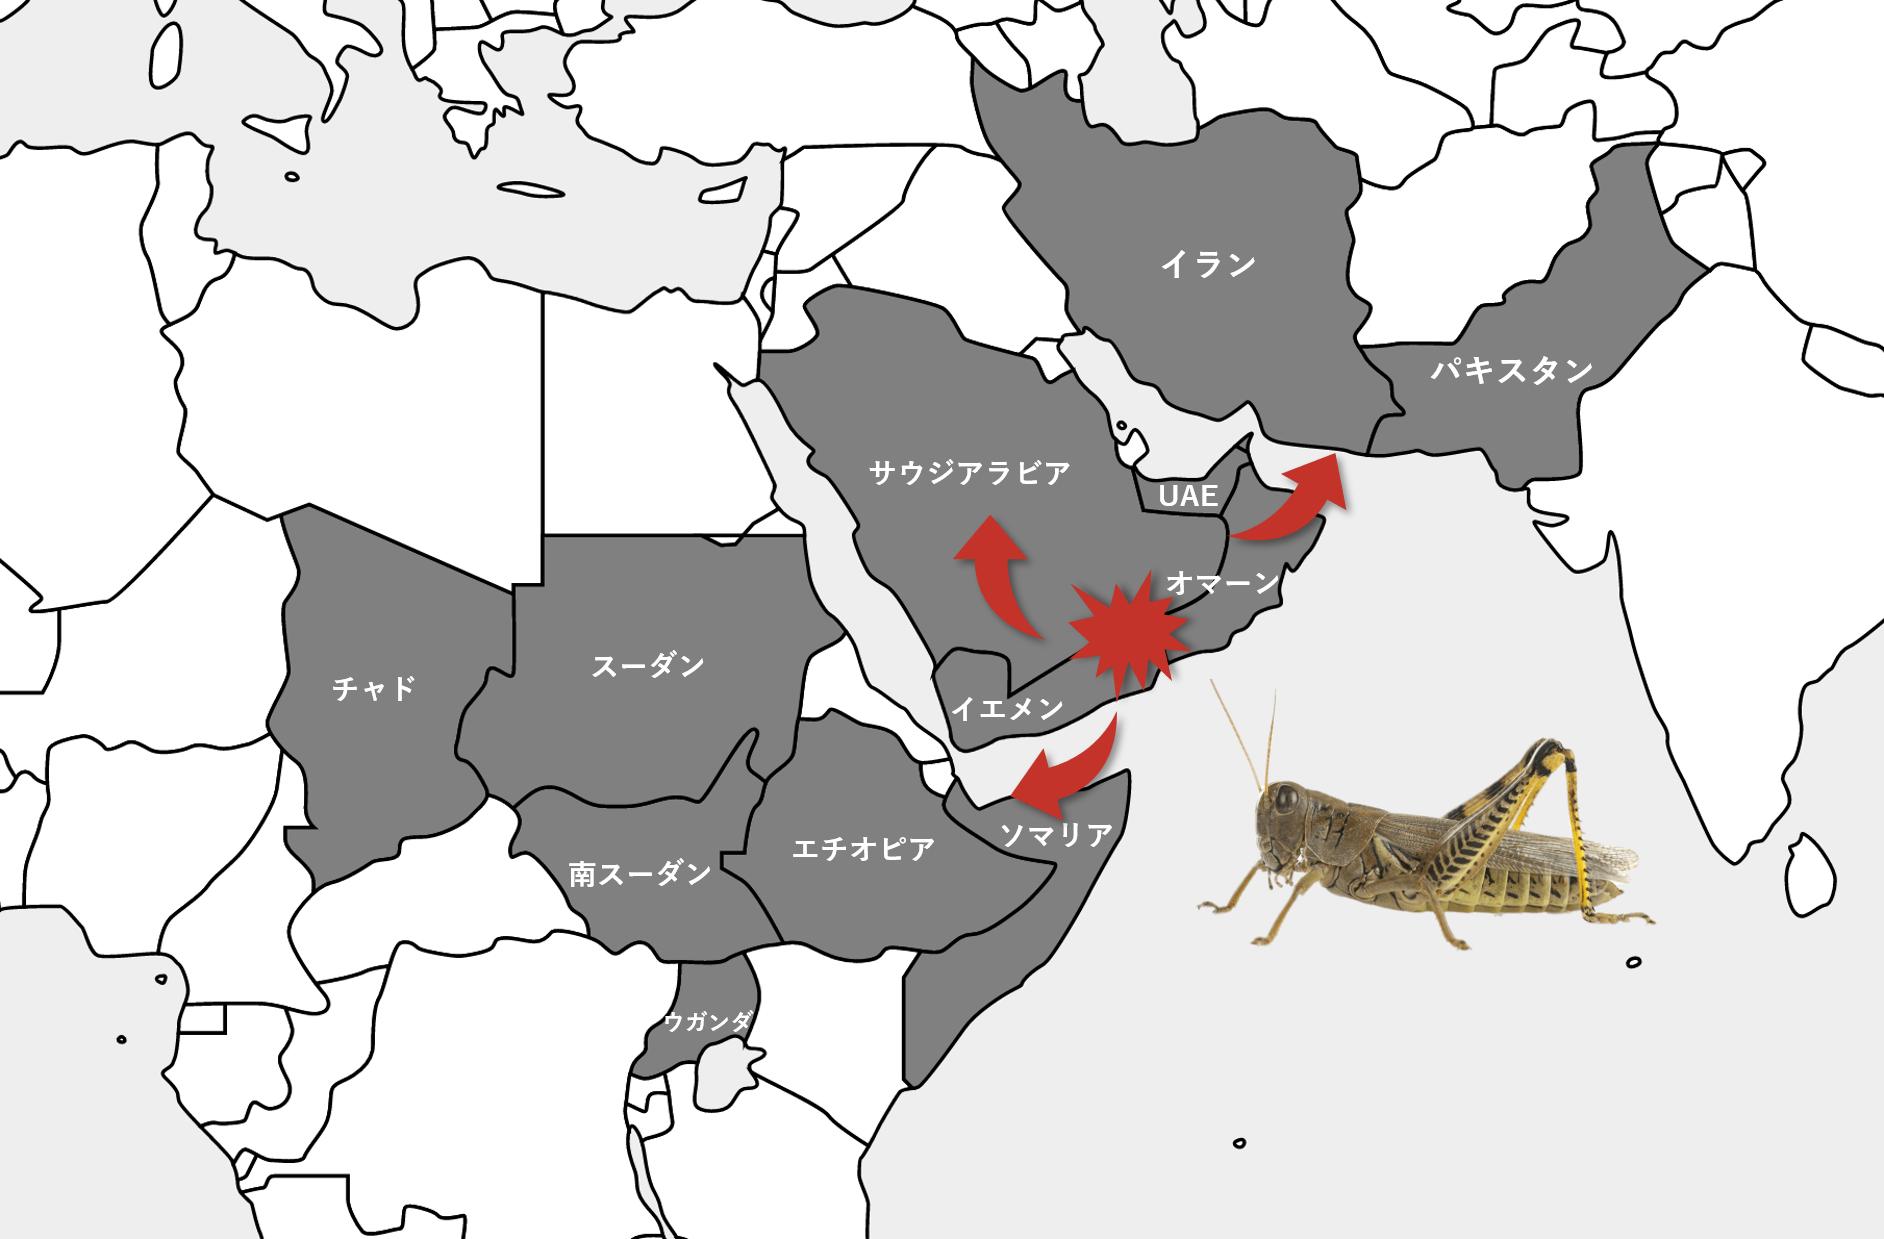 発生 地図 大量 バッタ 2020 コロナに続くもう一つの危機――アフリカからのバッタ巨大群襲来(六辻彰二)